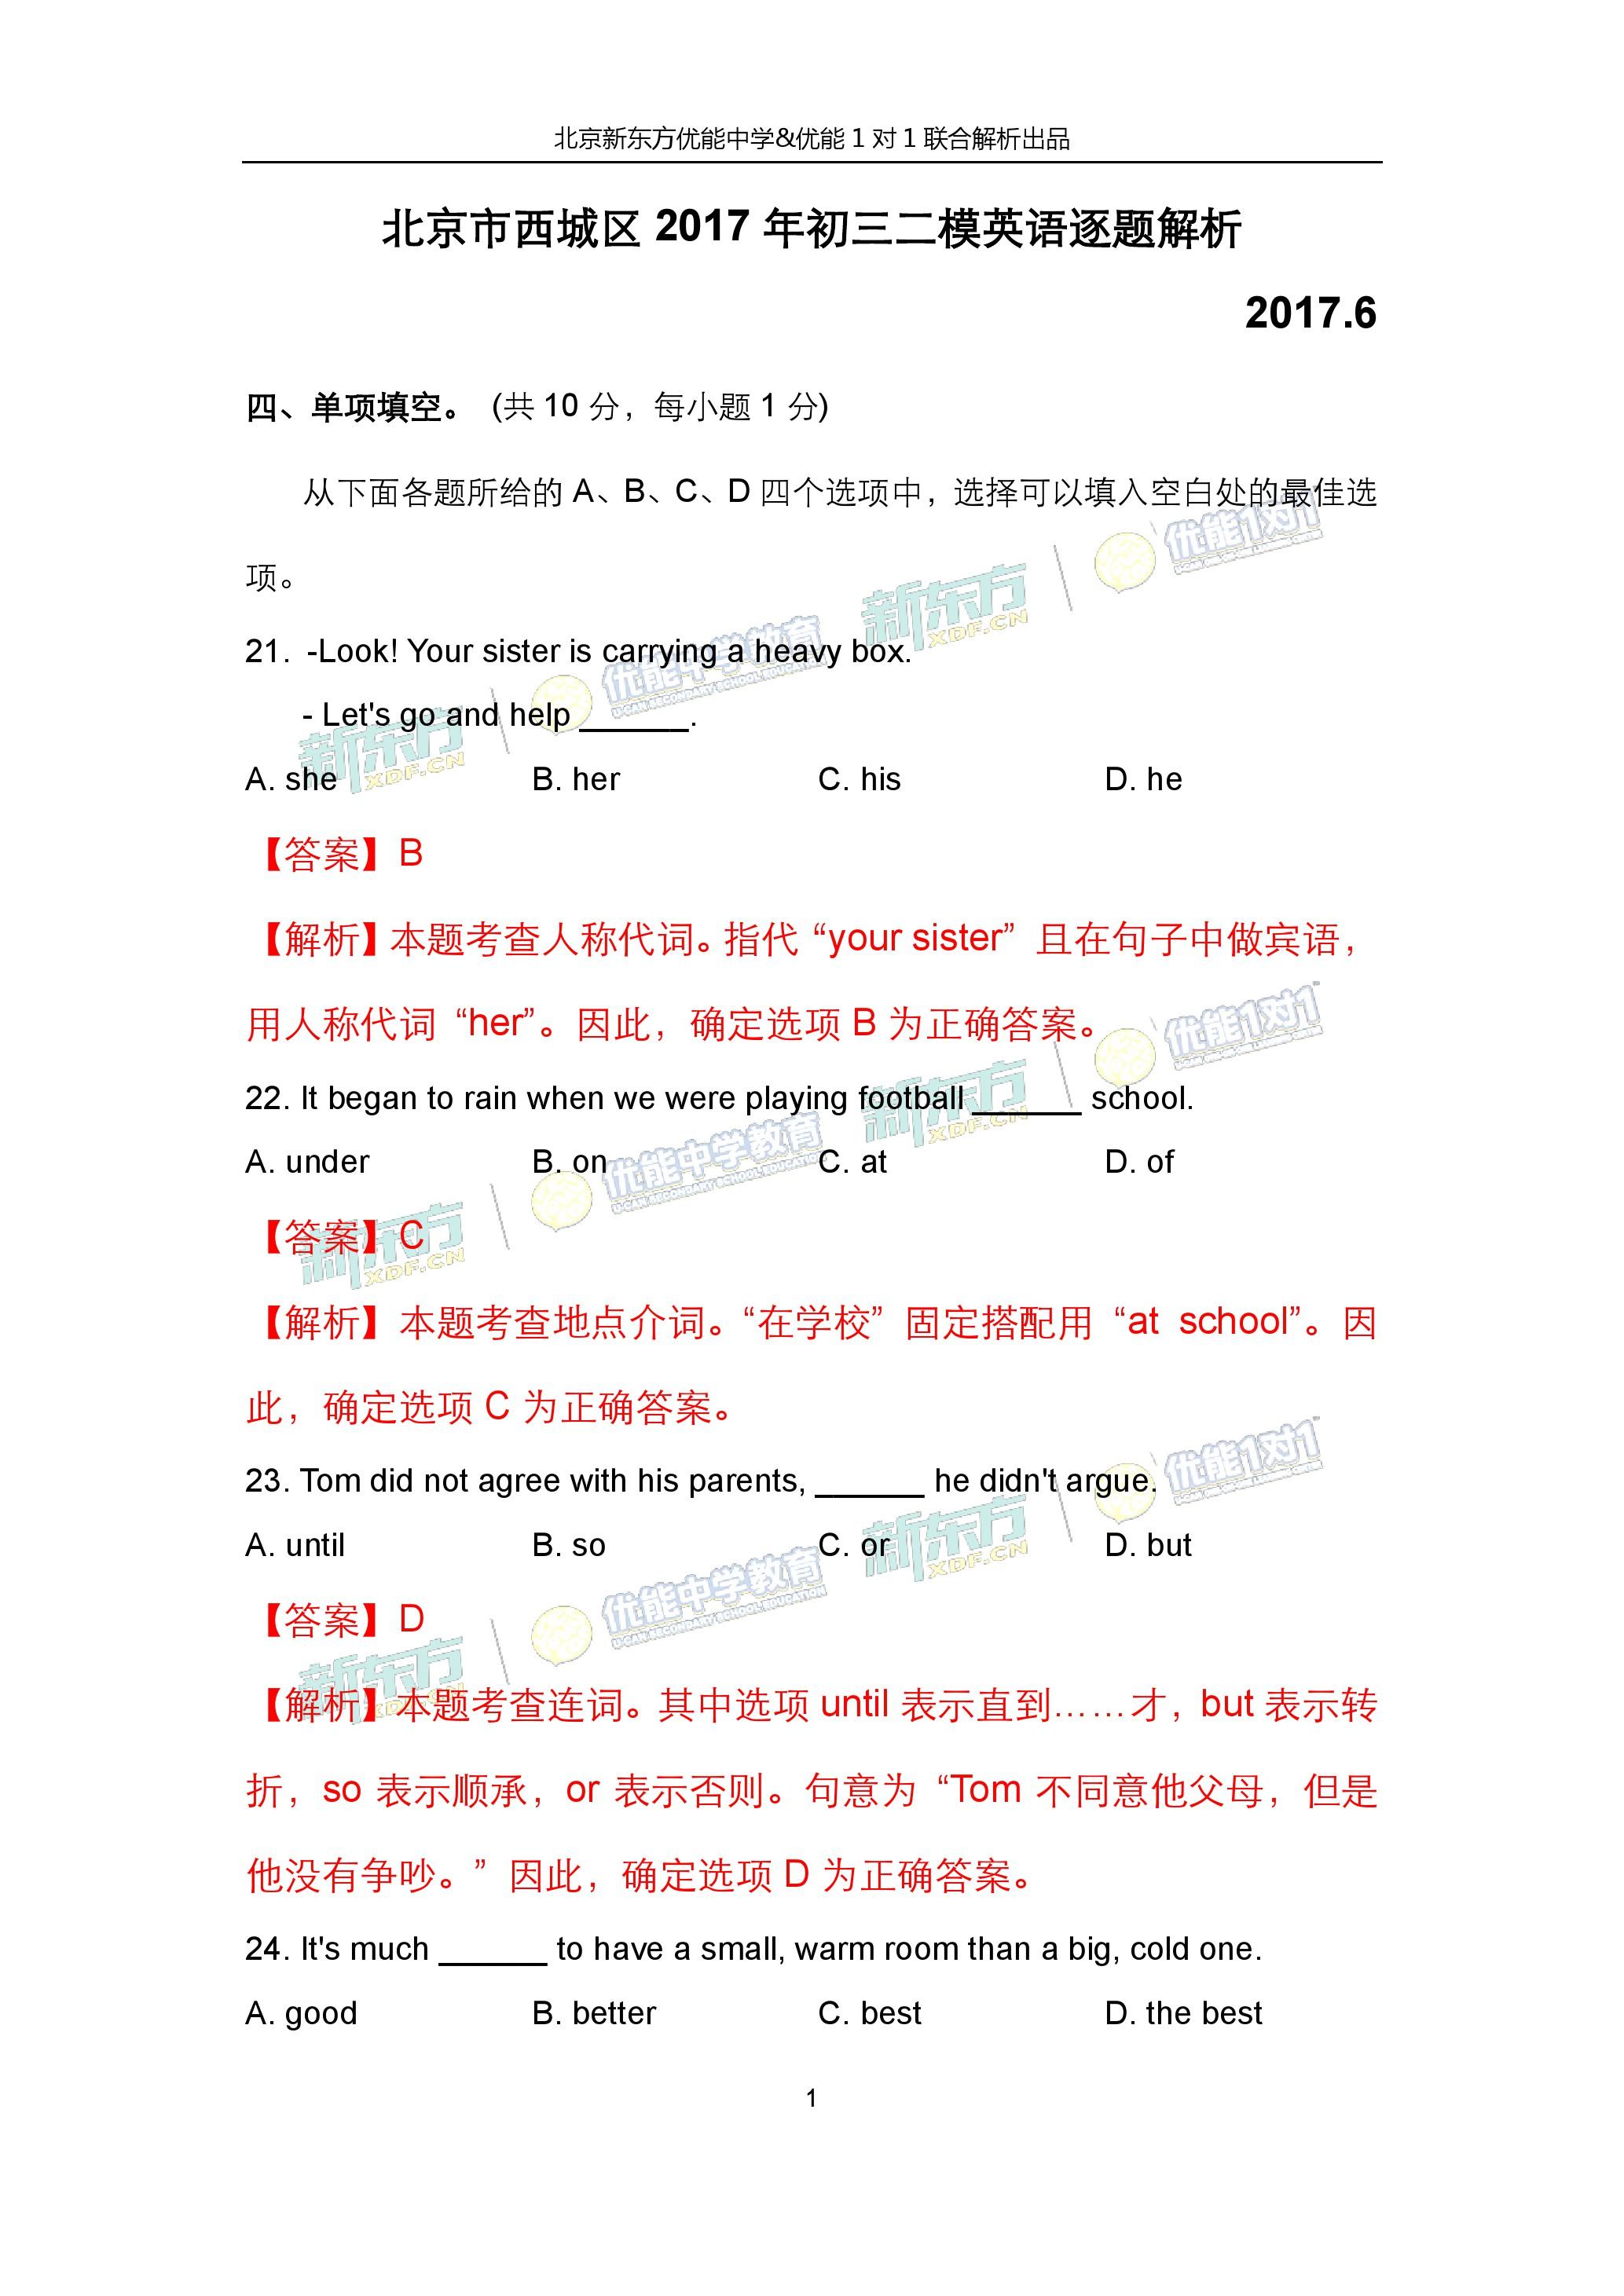 新东方优能名师逐题解析2017西城区初三二模英语答案(图片版)